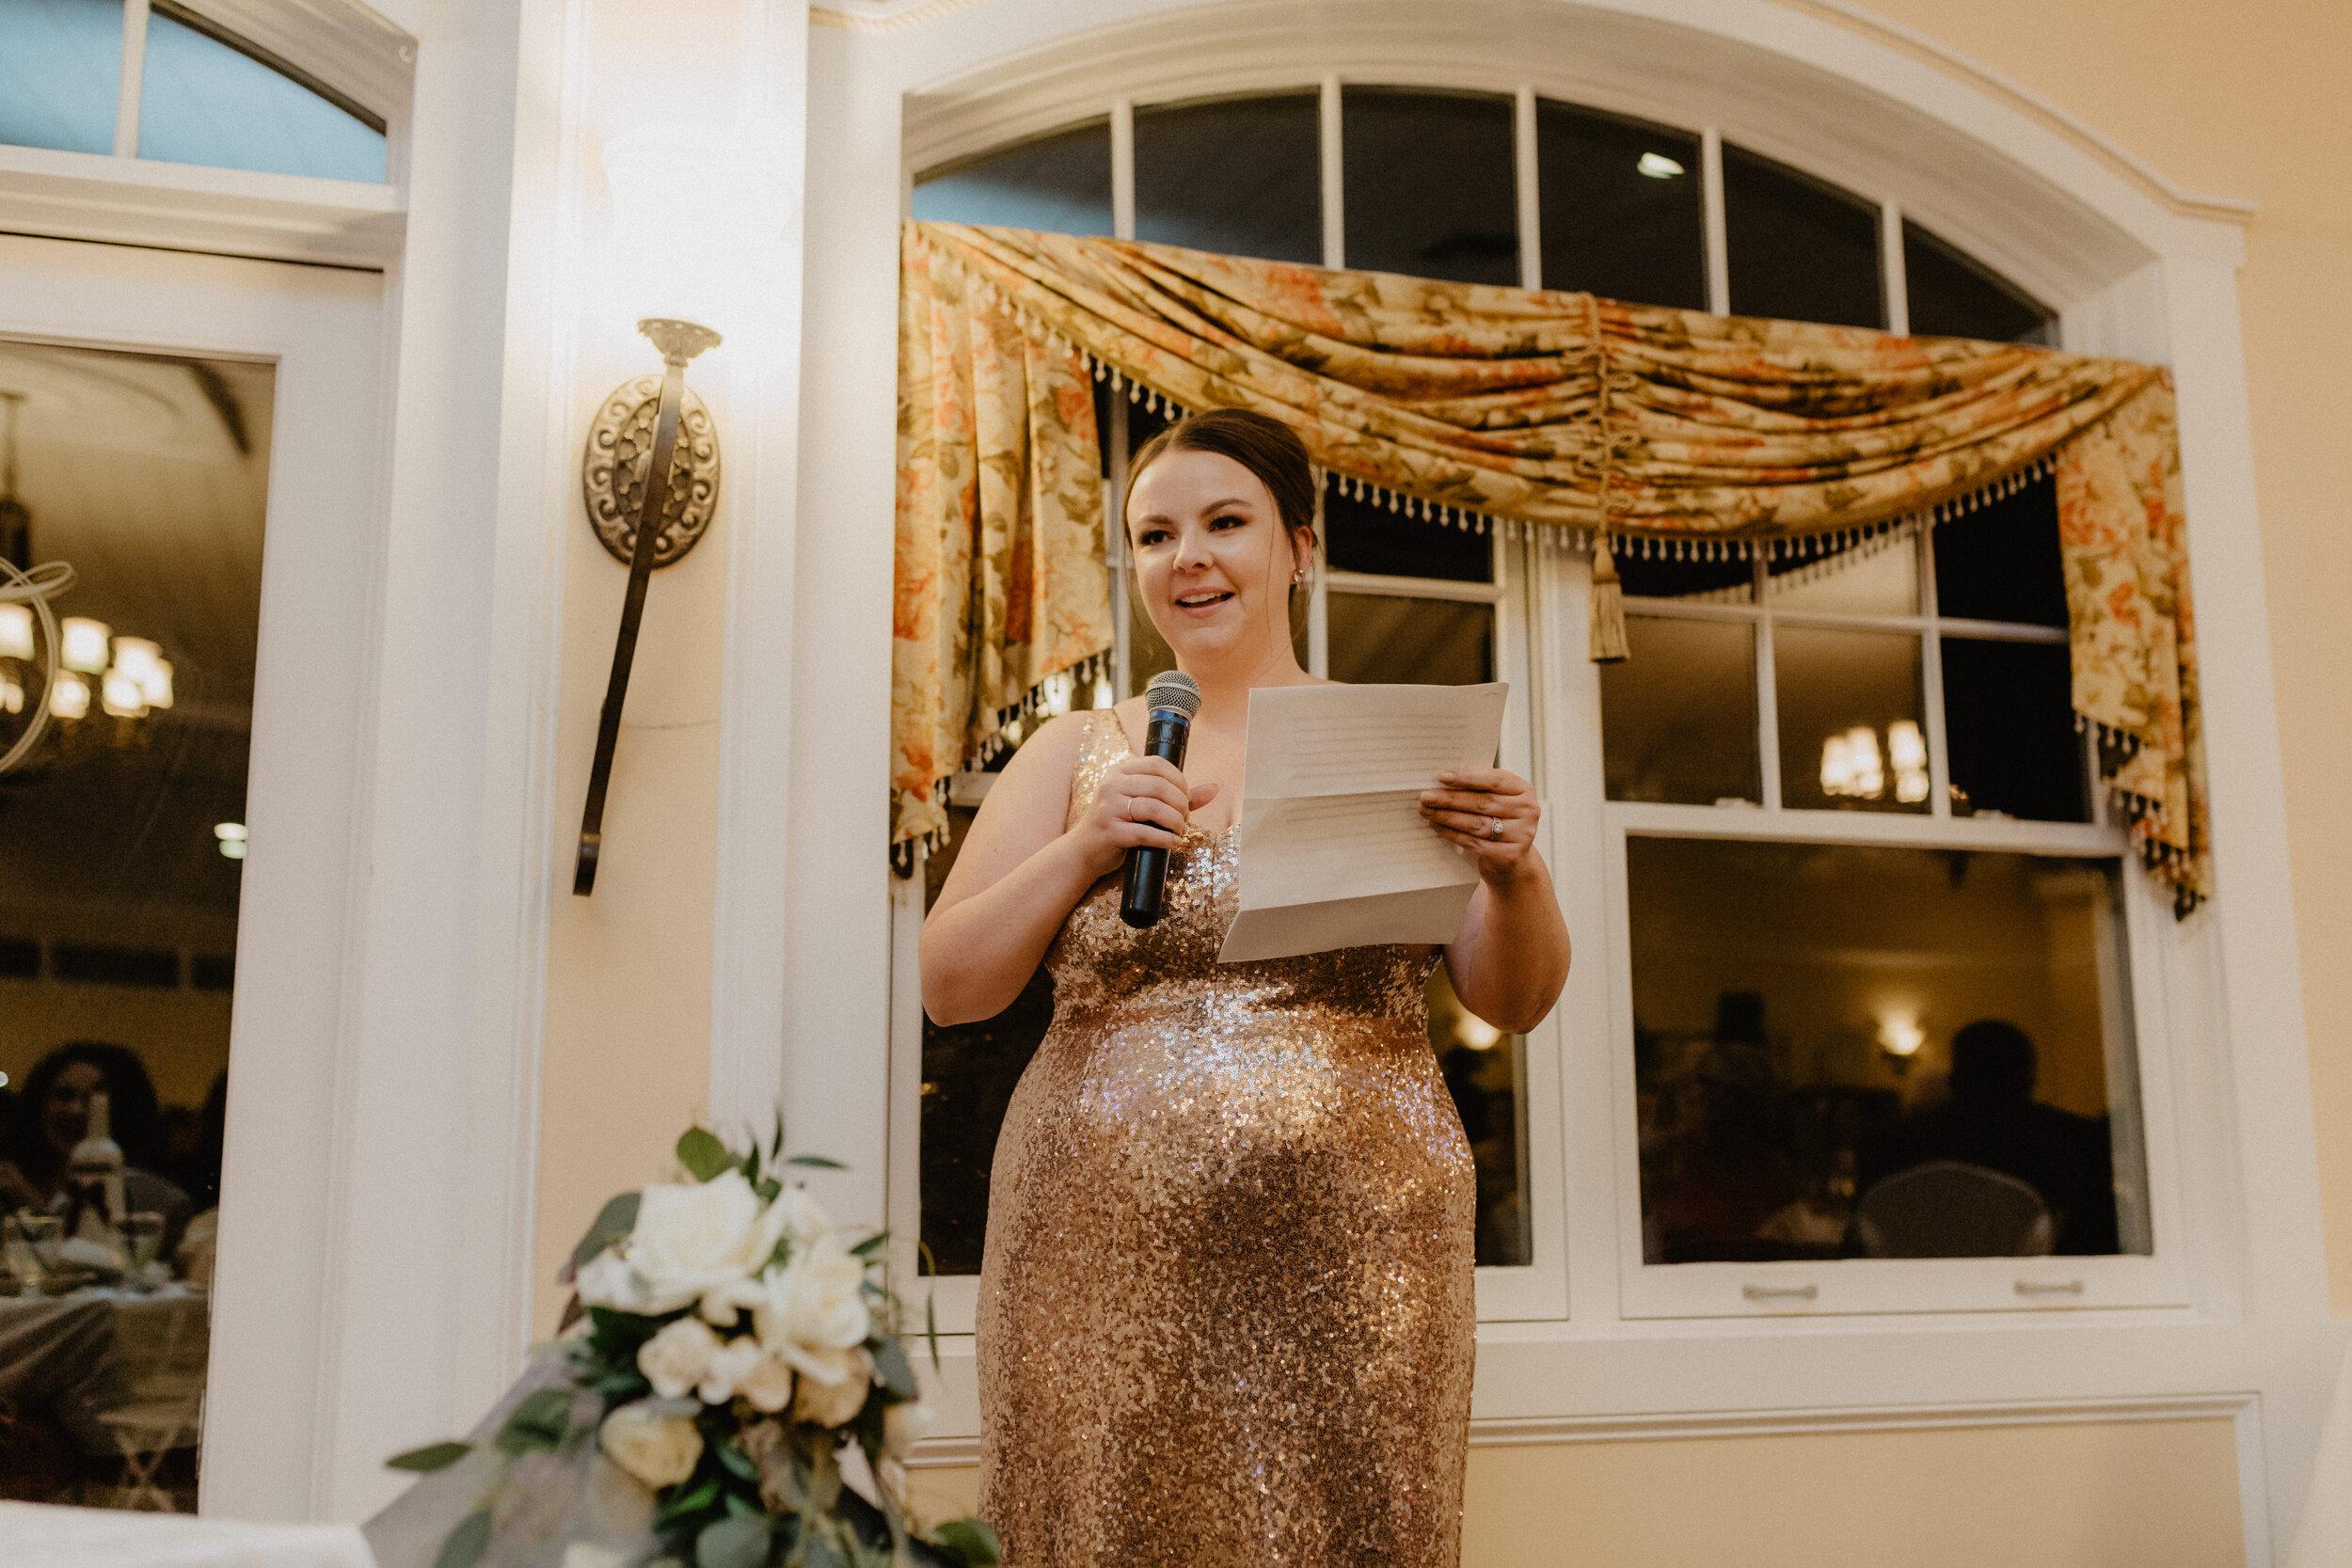 schenectady-new-york-wedding059.jpg